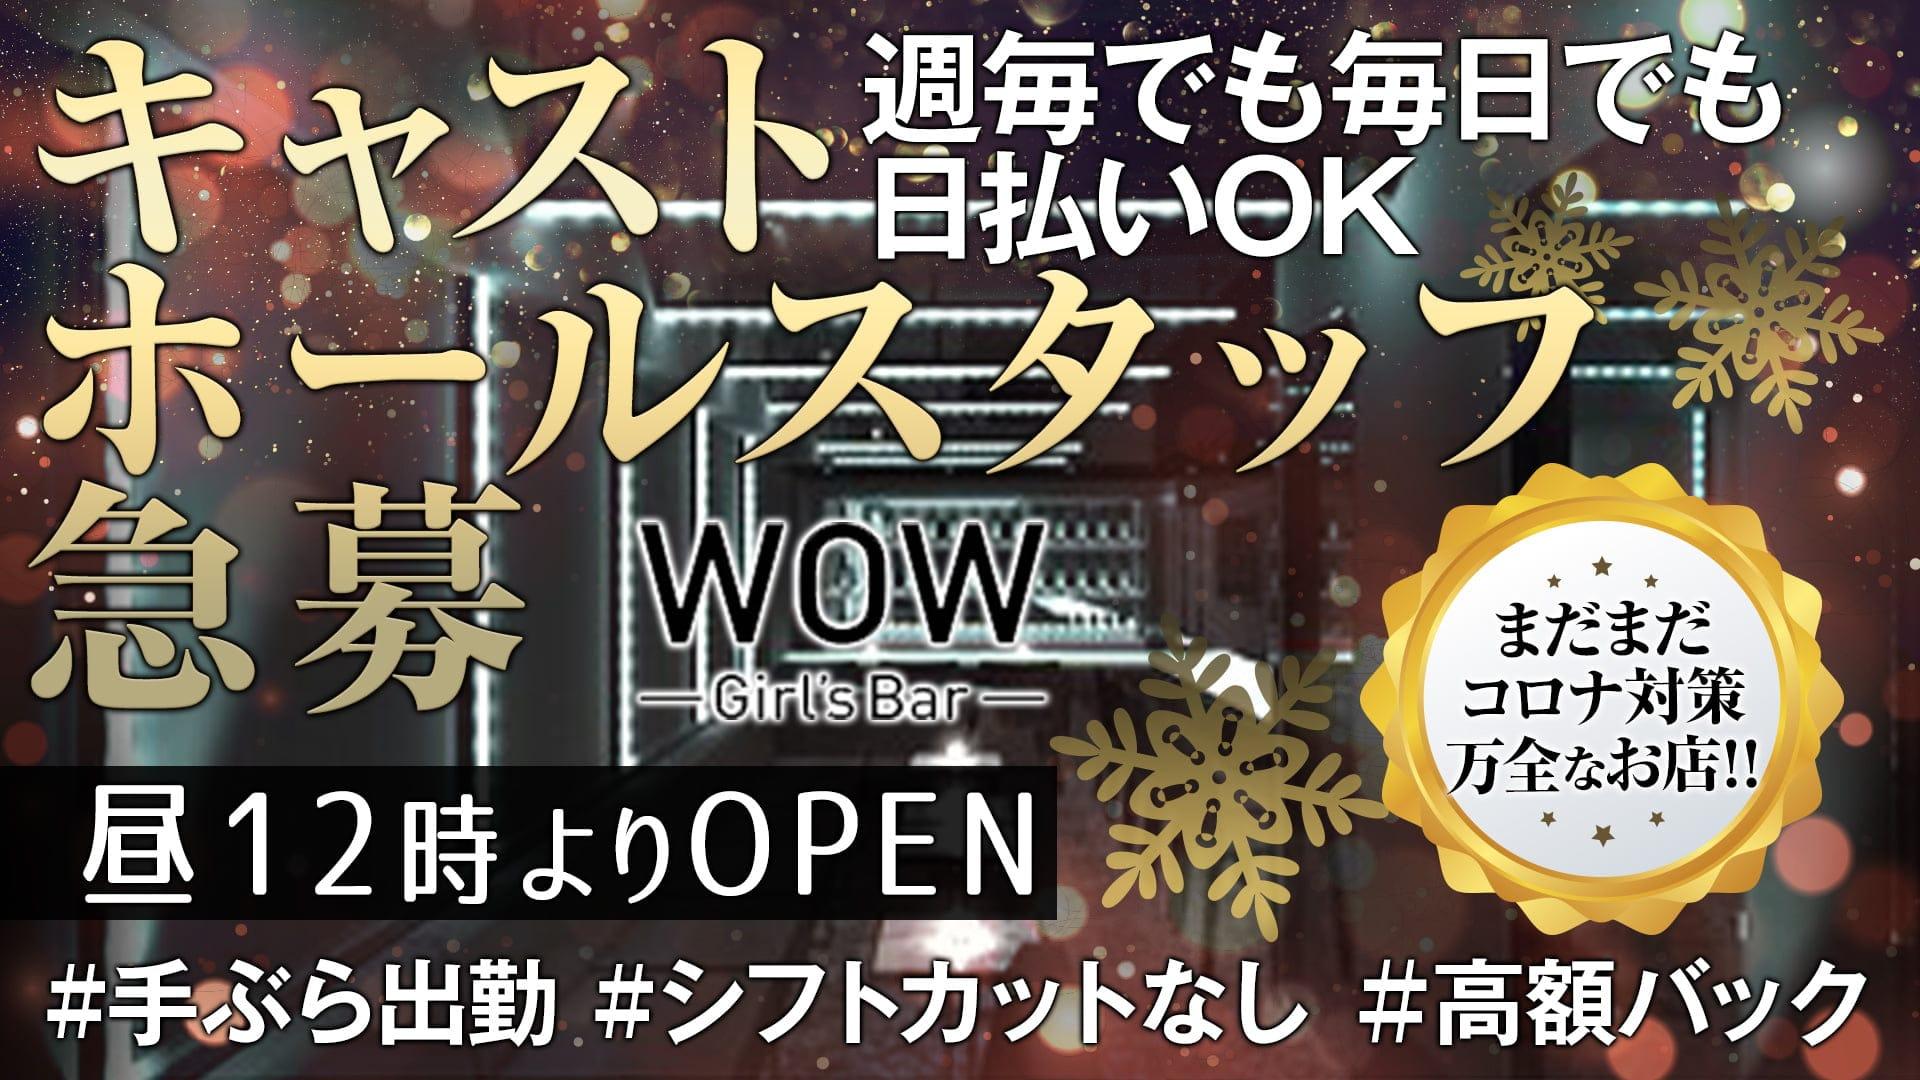 【昼・夜】Girl's Bar WOW(ワオ)【公式求人・体入情報】 錦糸町ガールズバー TOP画像